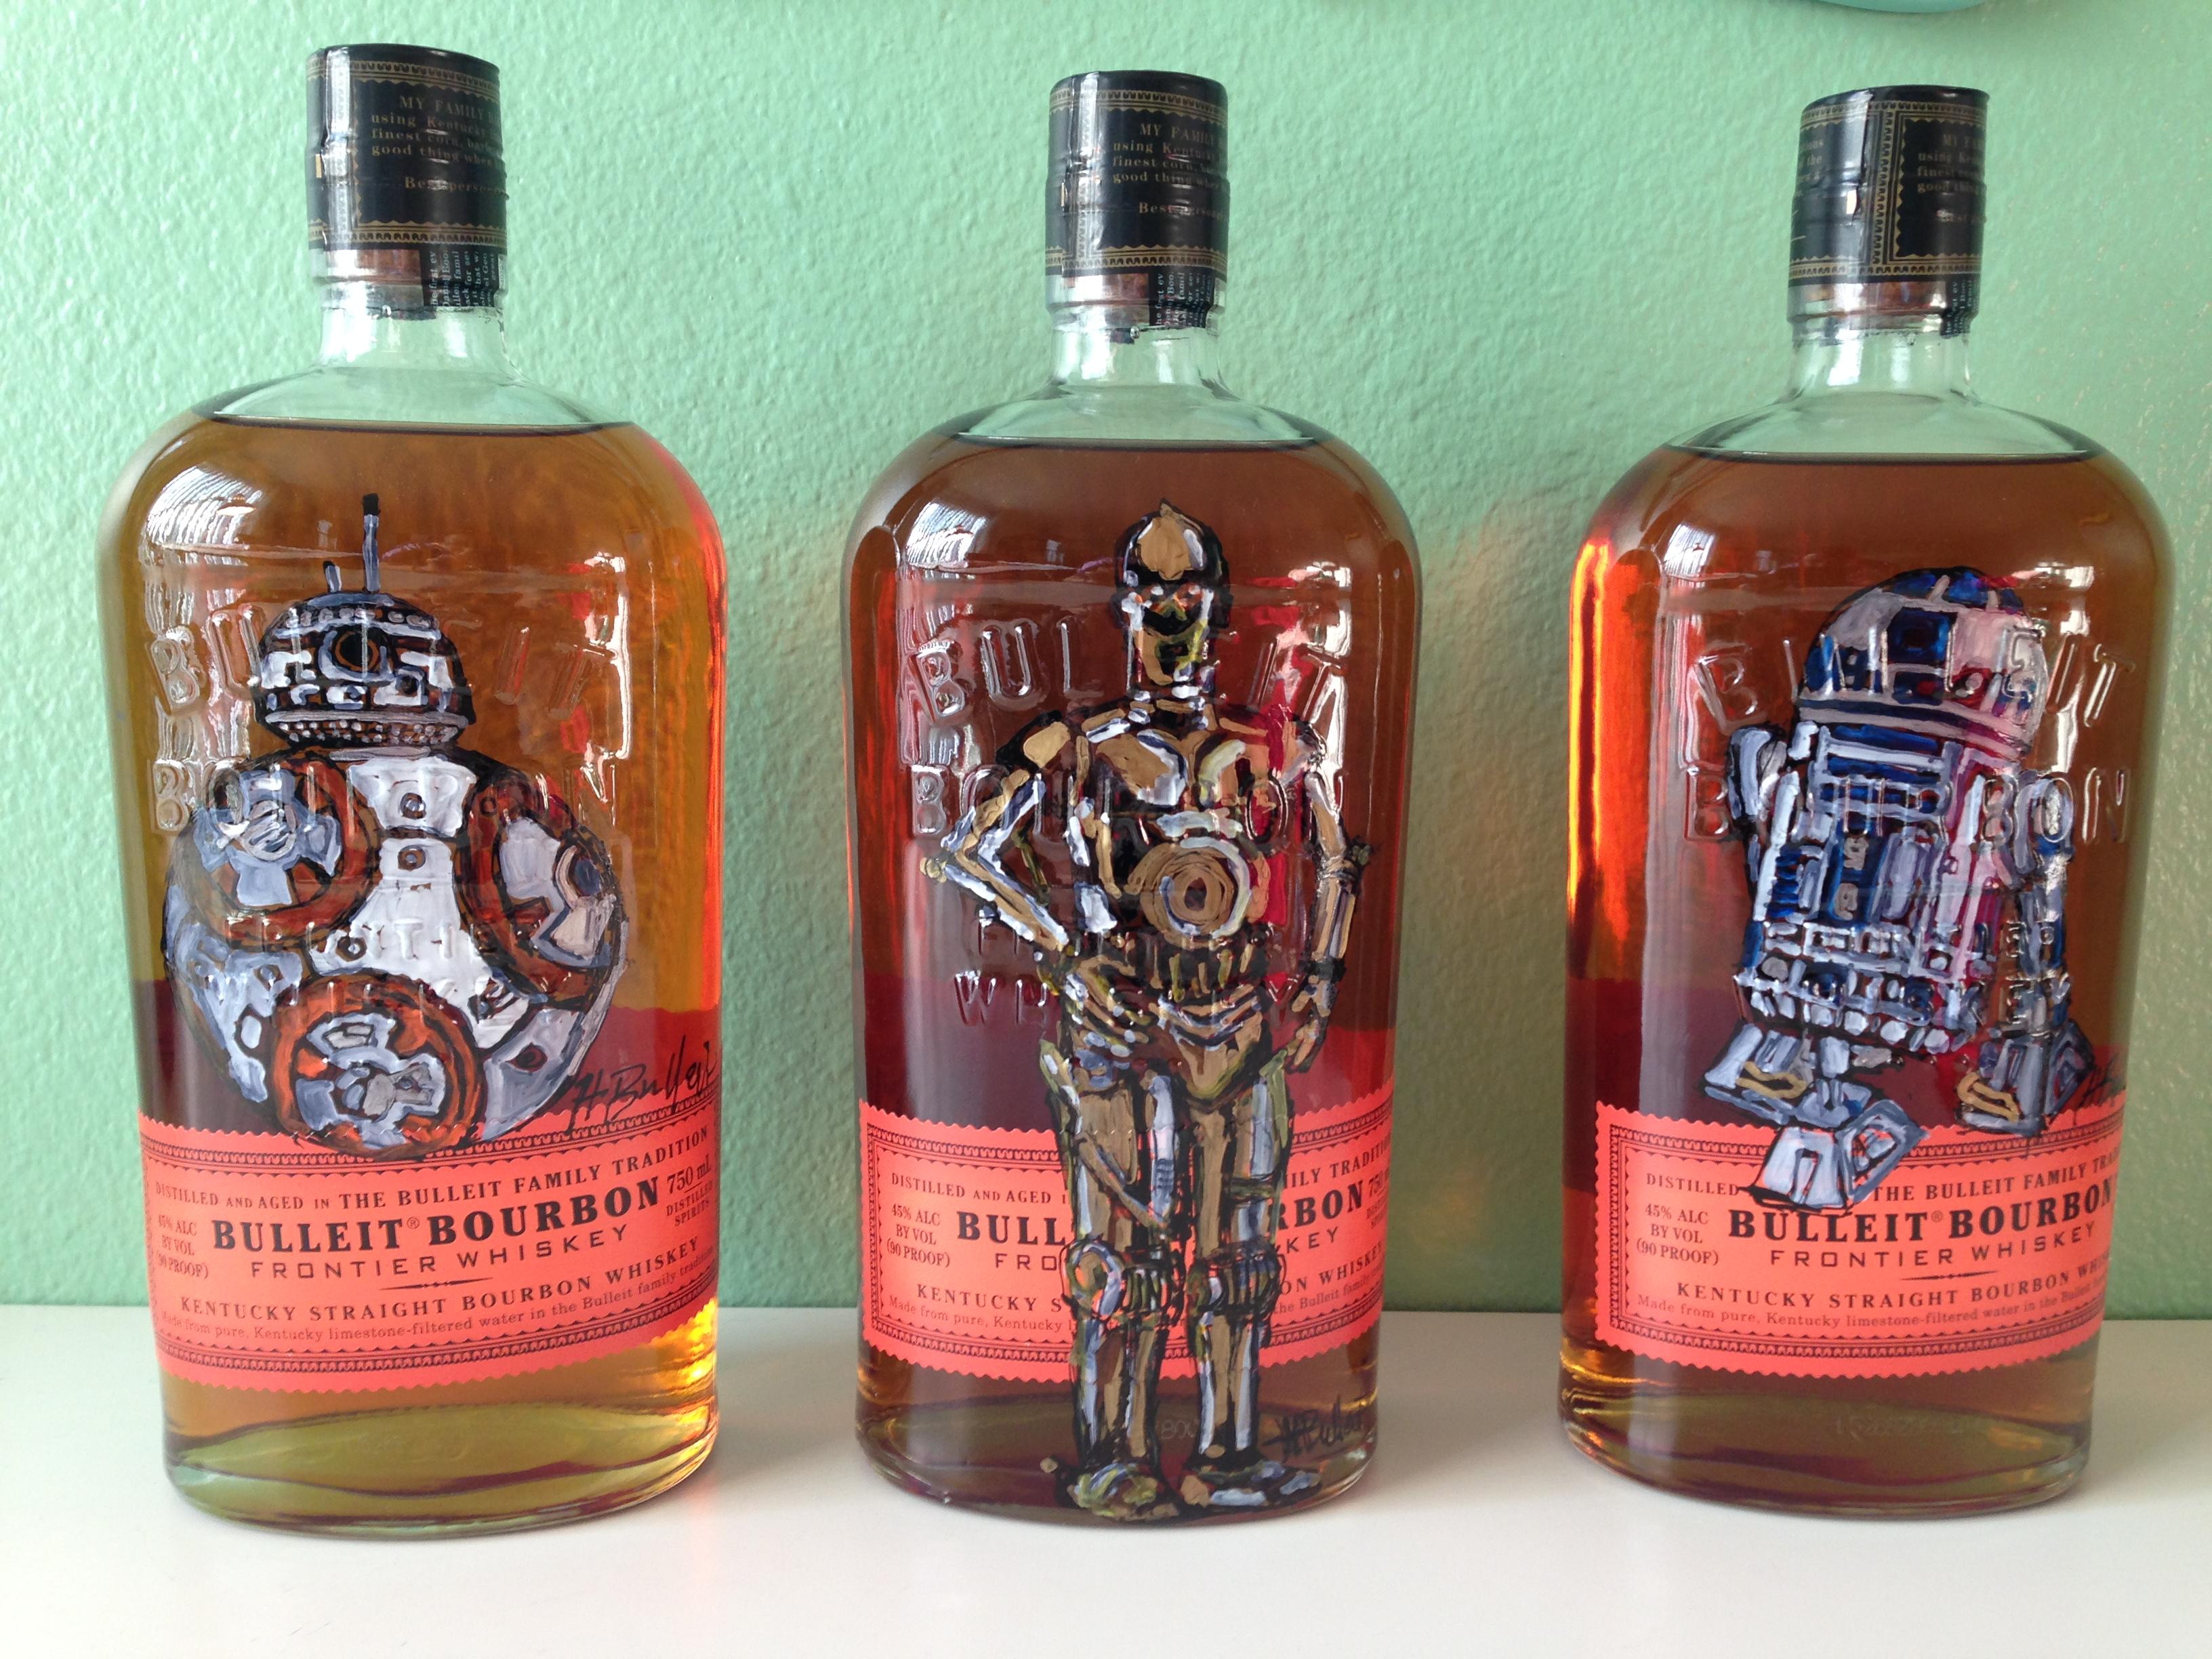 Rocky's Rebellion bottles